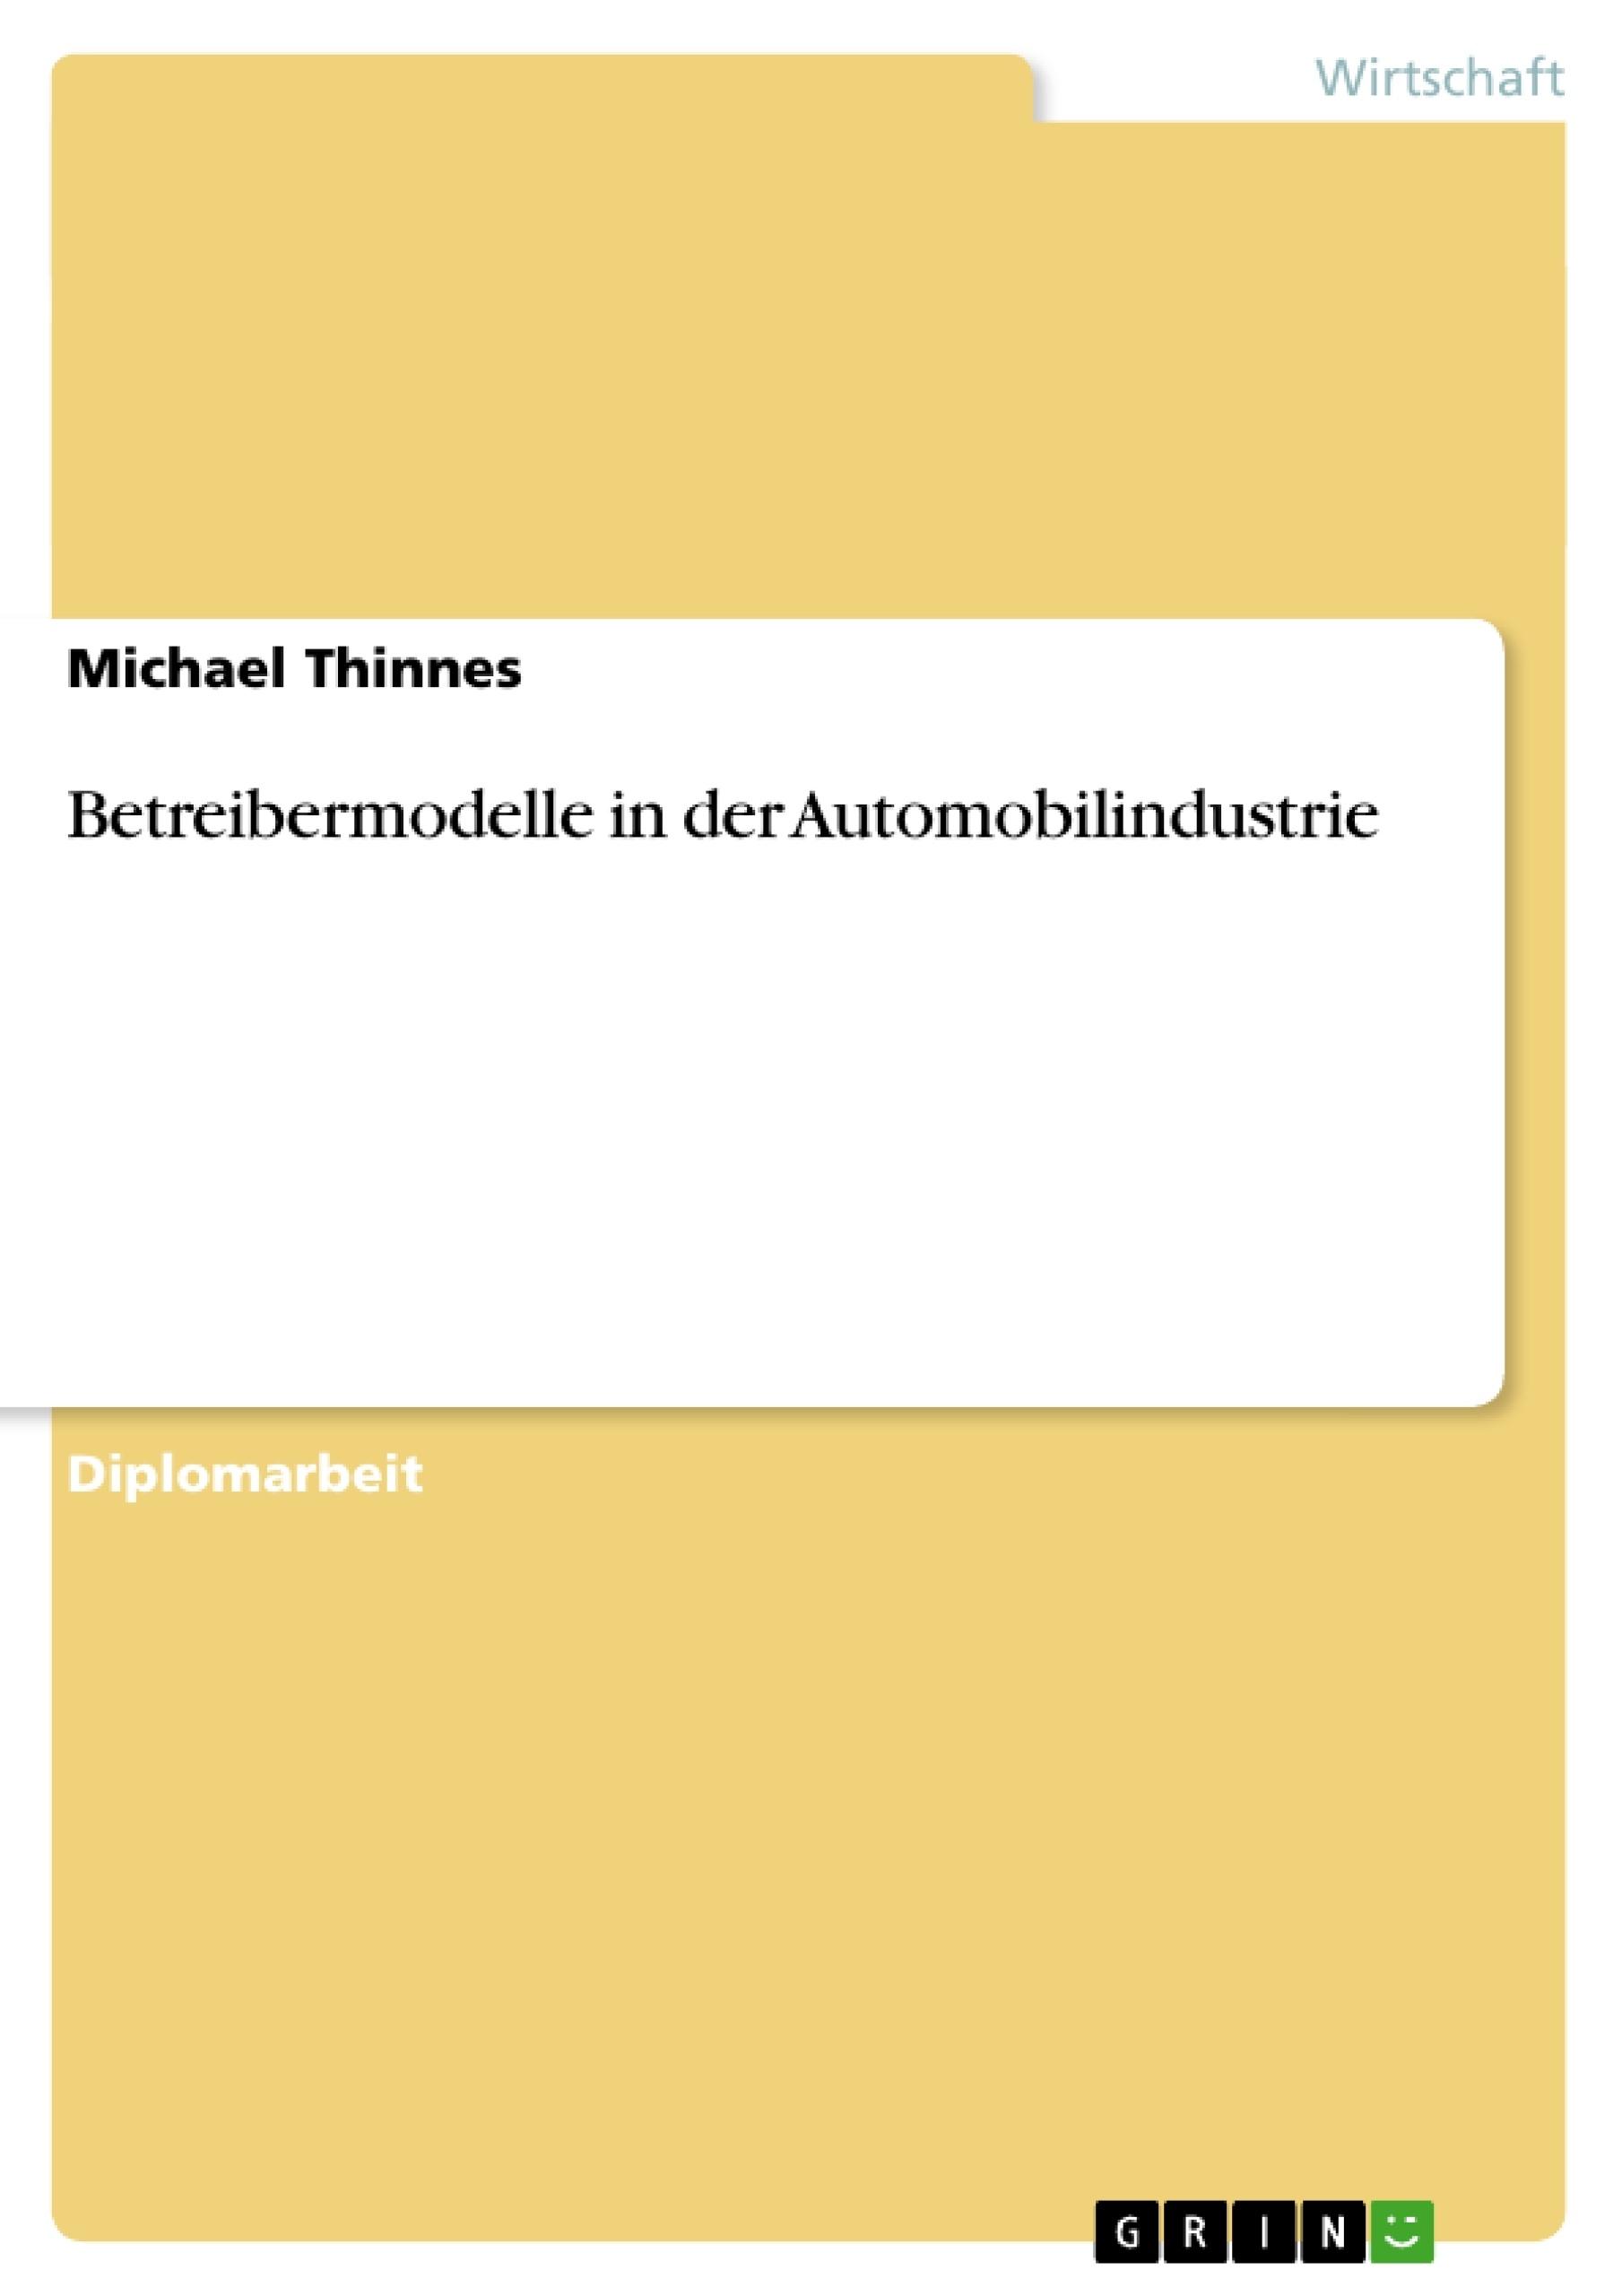 Titel: Betreibermodelle in der Automobilindustrie